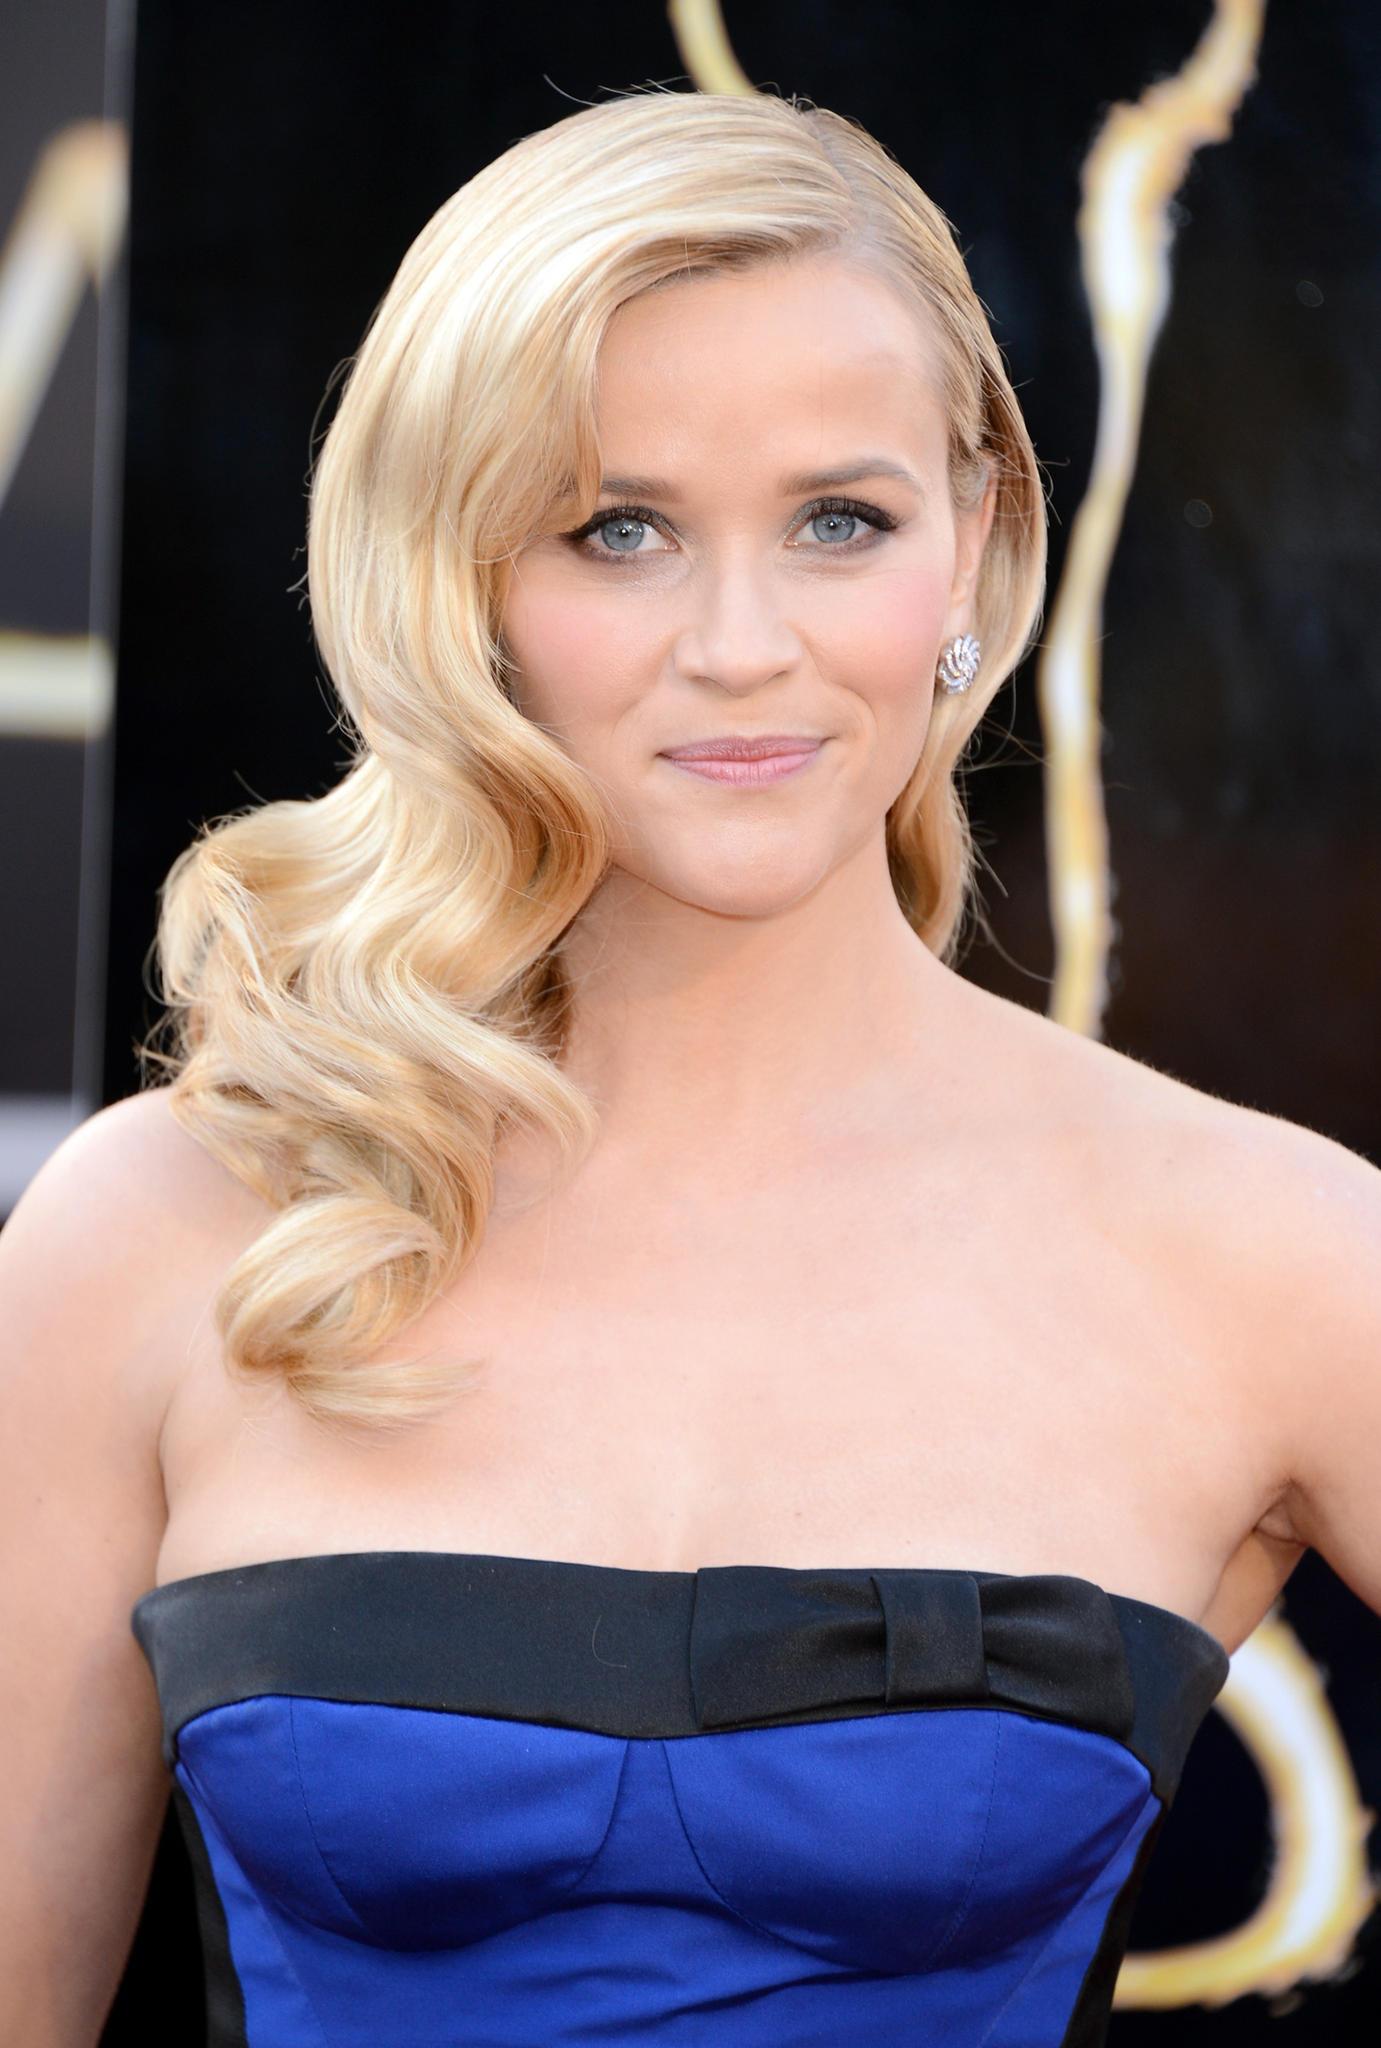 Die blonden Haare von Reese Witherspoon fallen in leichten Wasserwellen über ihre Schultern.